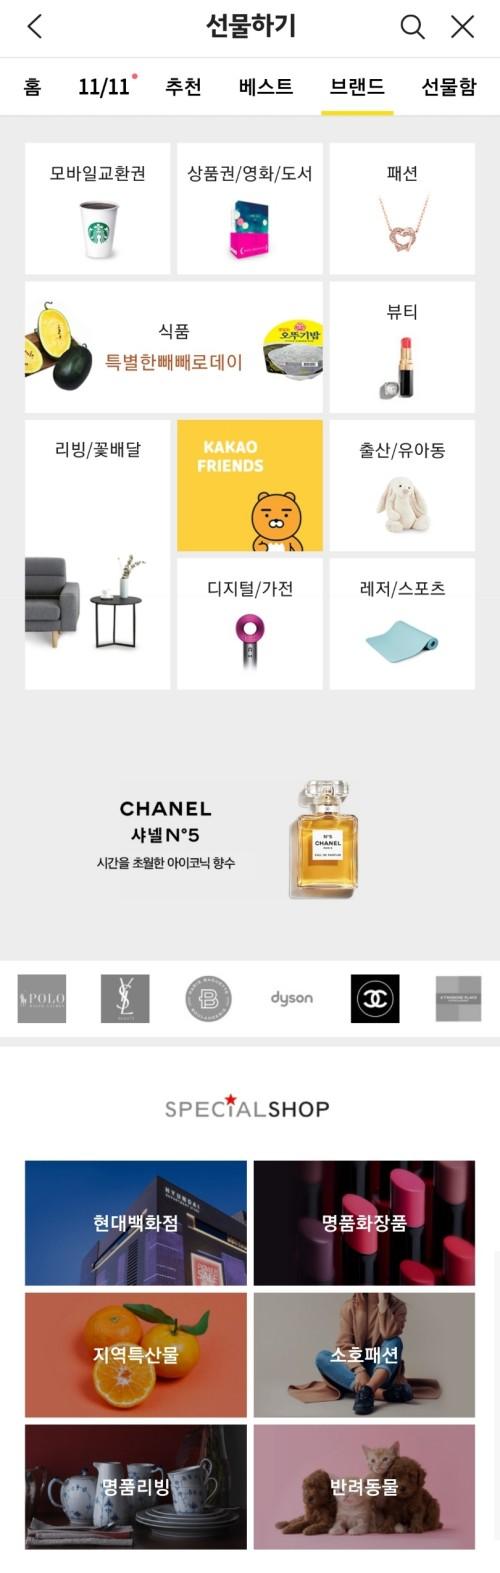 카카오커머스 사례, 카카오 선물하기에 입점된 명품 브랜드와 백화점